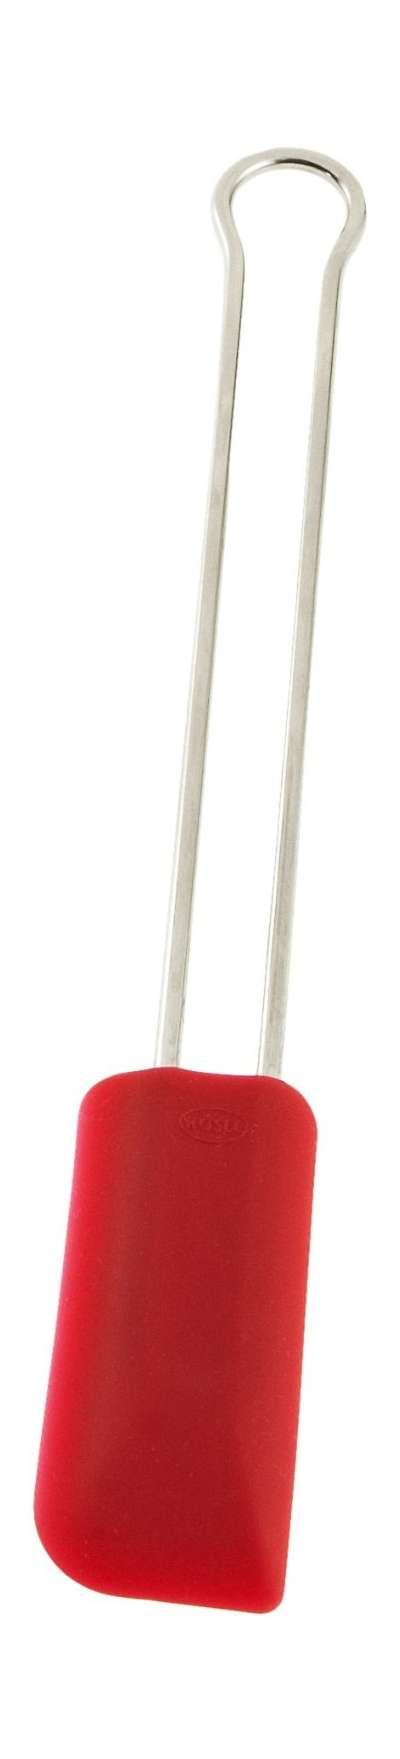 Лопатка для теста силиконовая Rosle 20 см. (R12452)